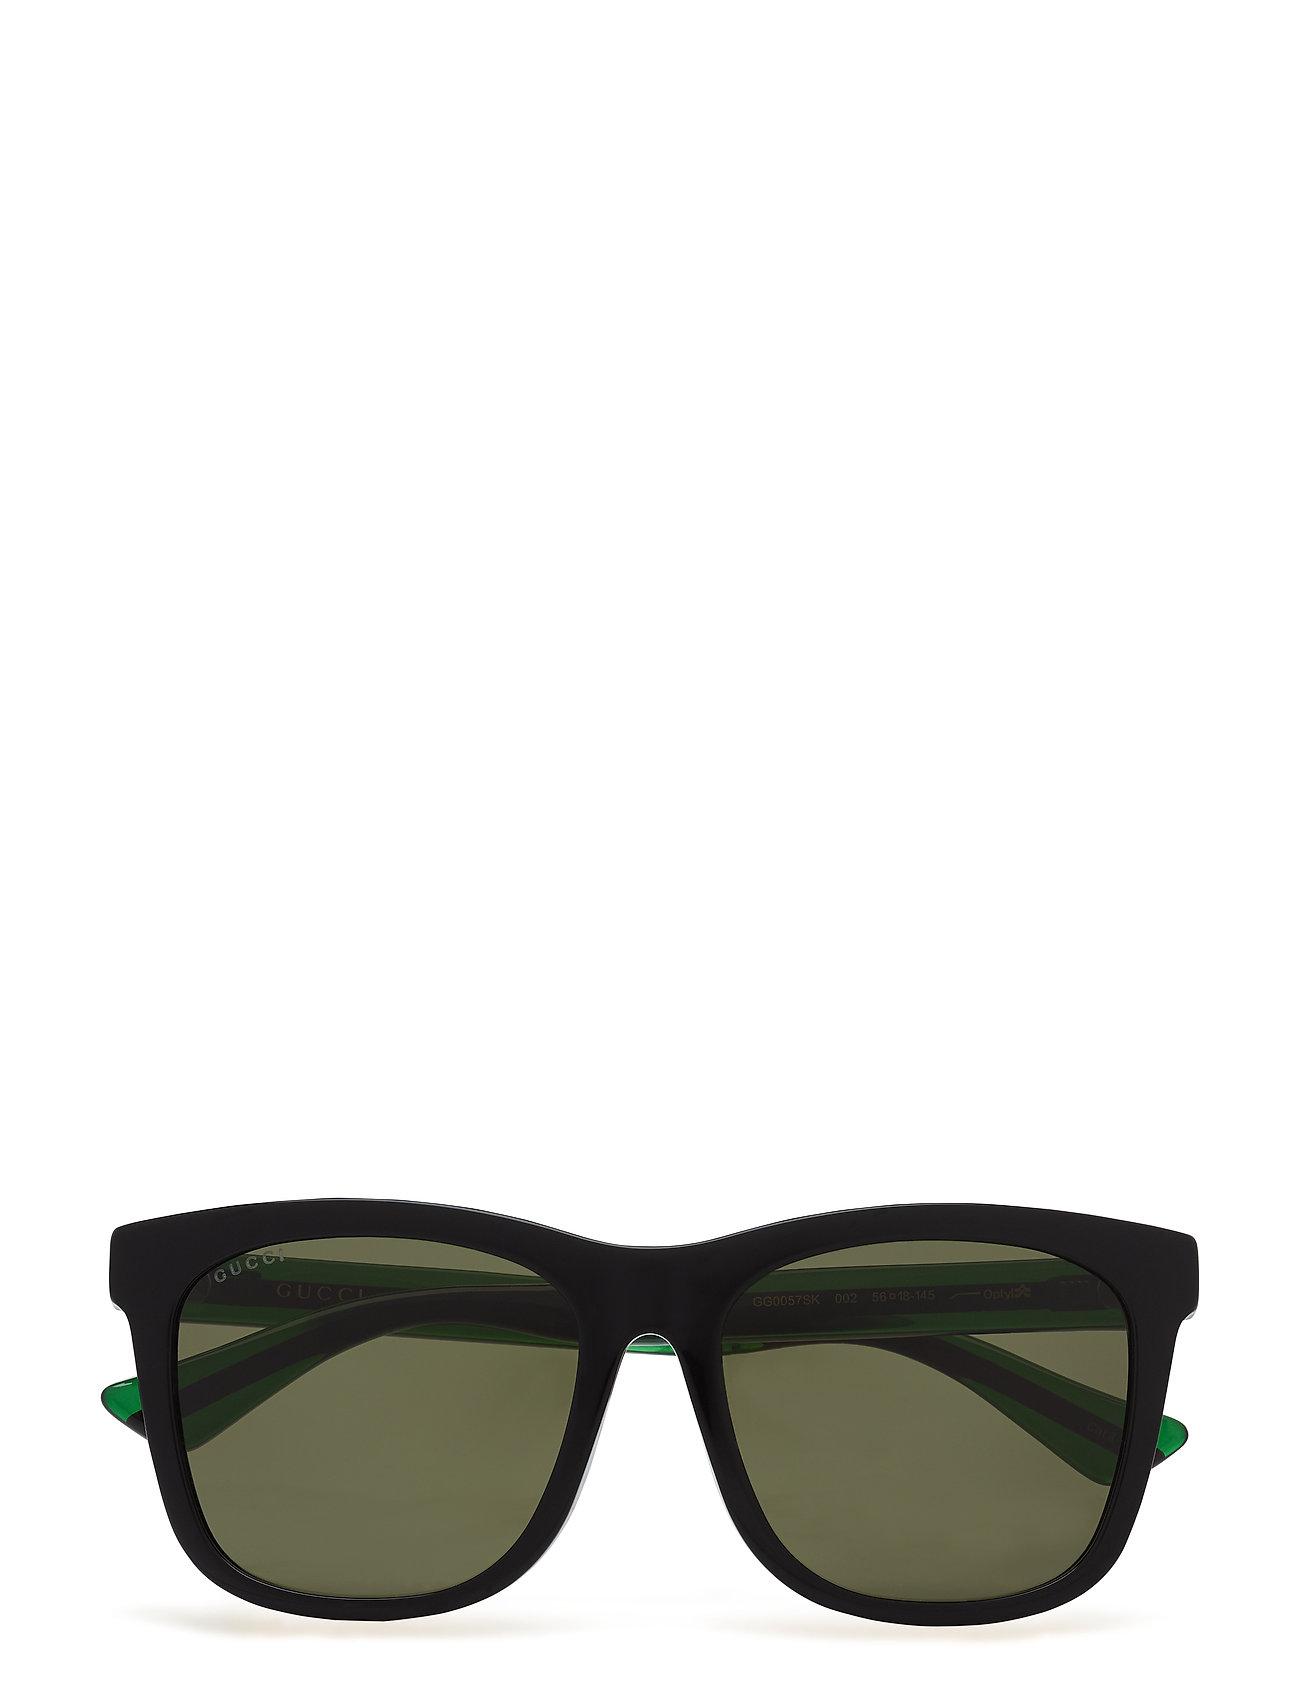 4820f2e97d7e Gucci wayfarer solbriller – Gg0057sk til herre i BLACK-GREEN-GREEN ...